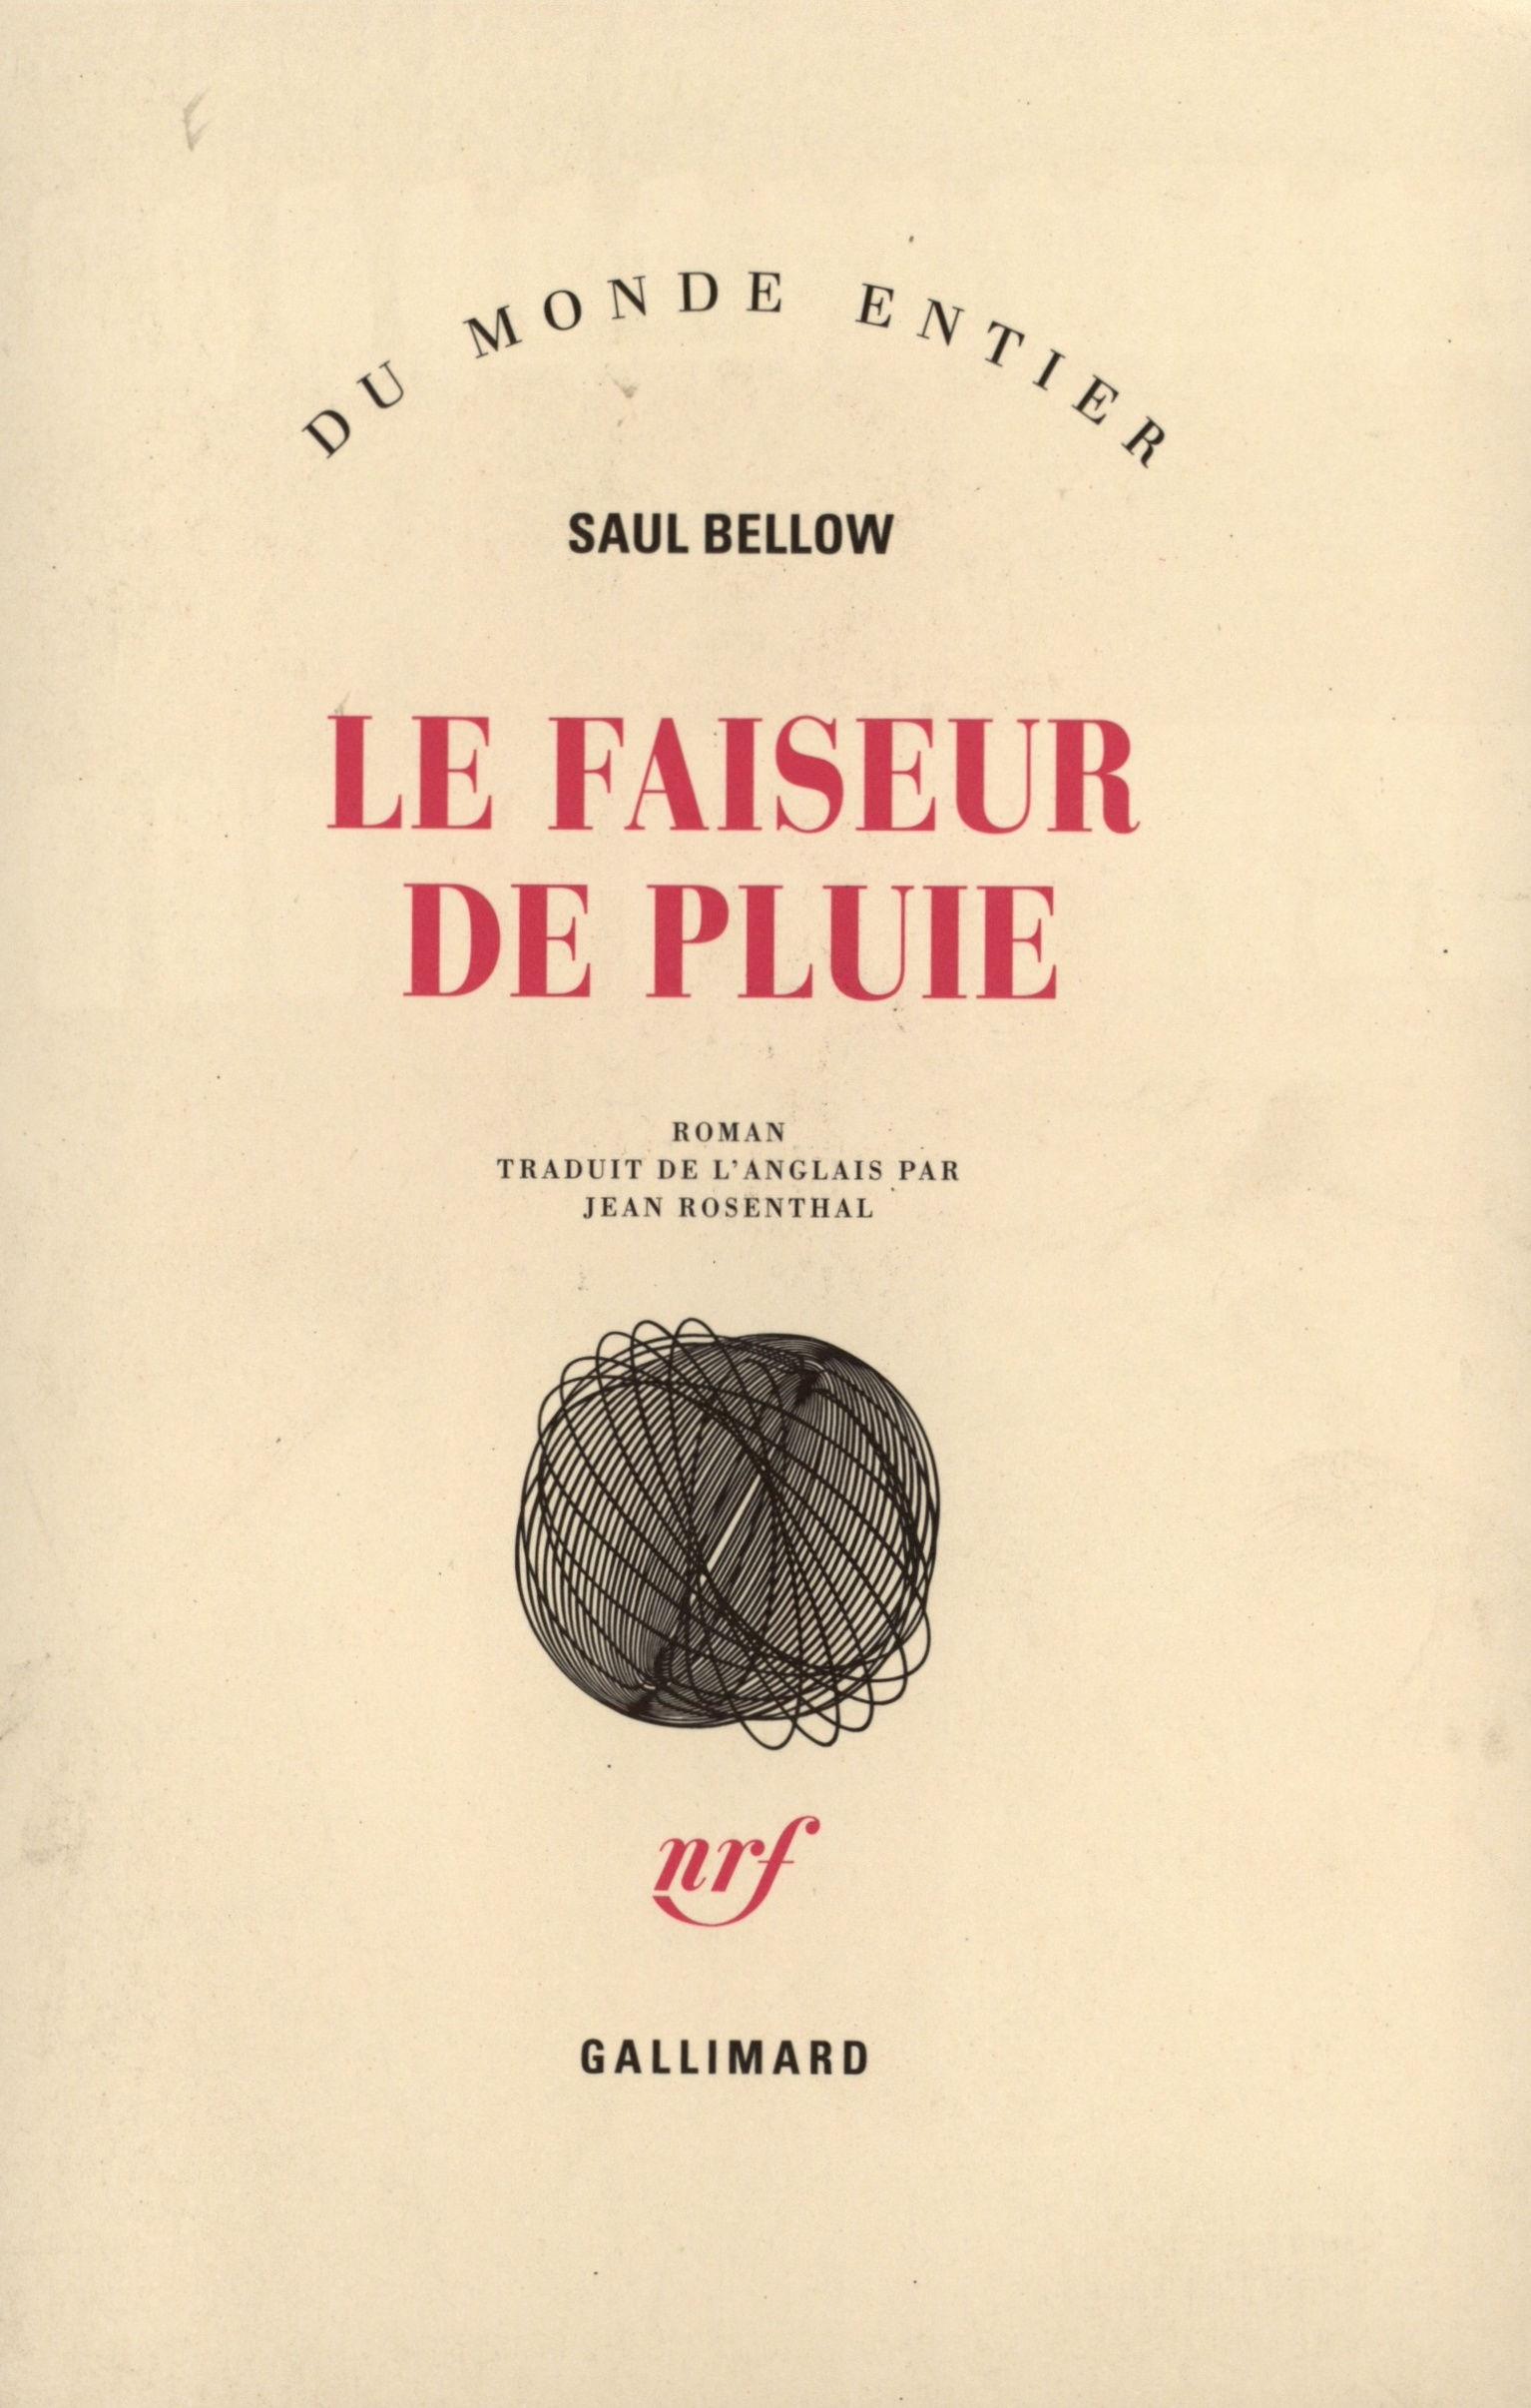 """Résultat de recherche d'images pour """"le faiseur de pluie saul bellow"""""""